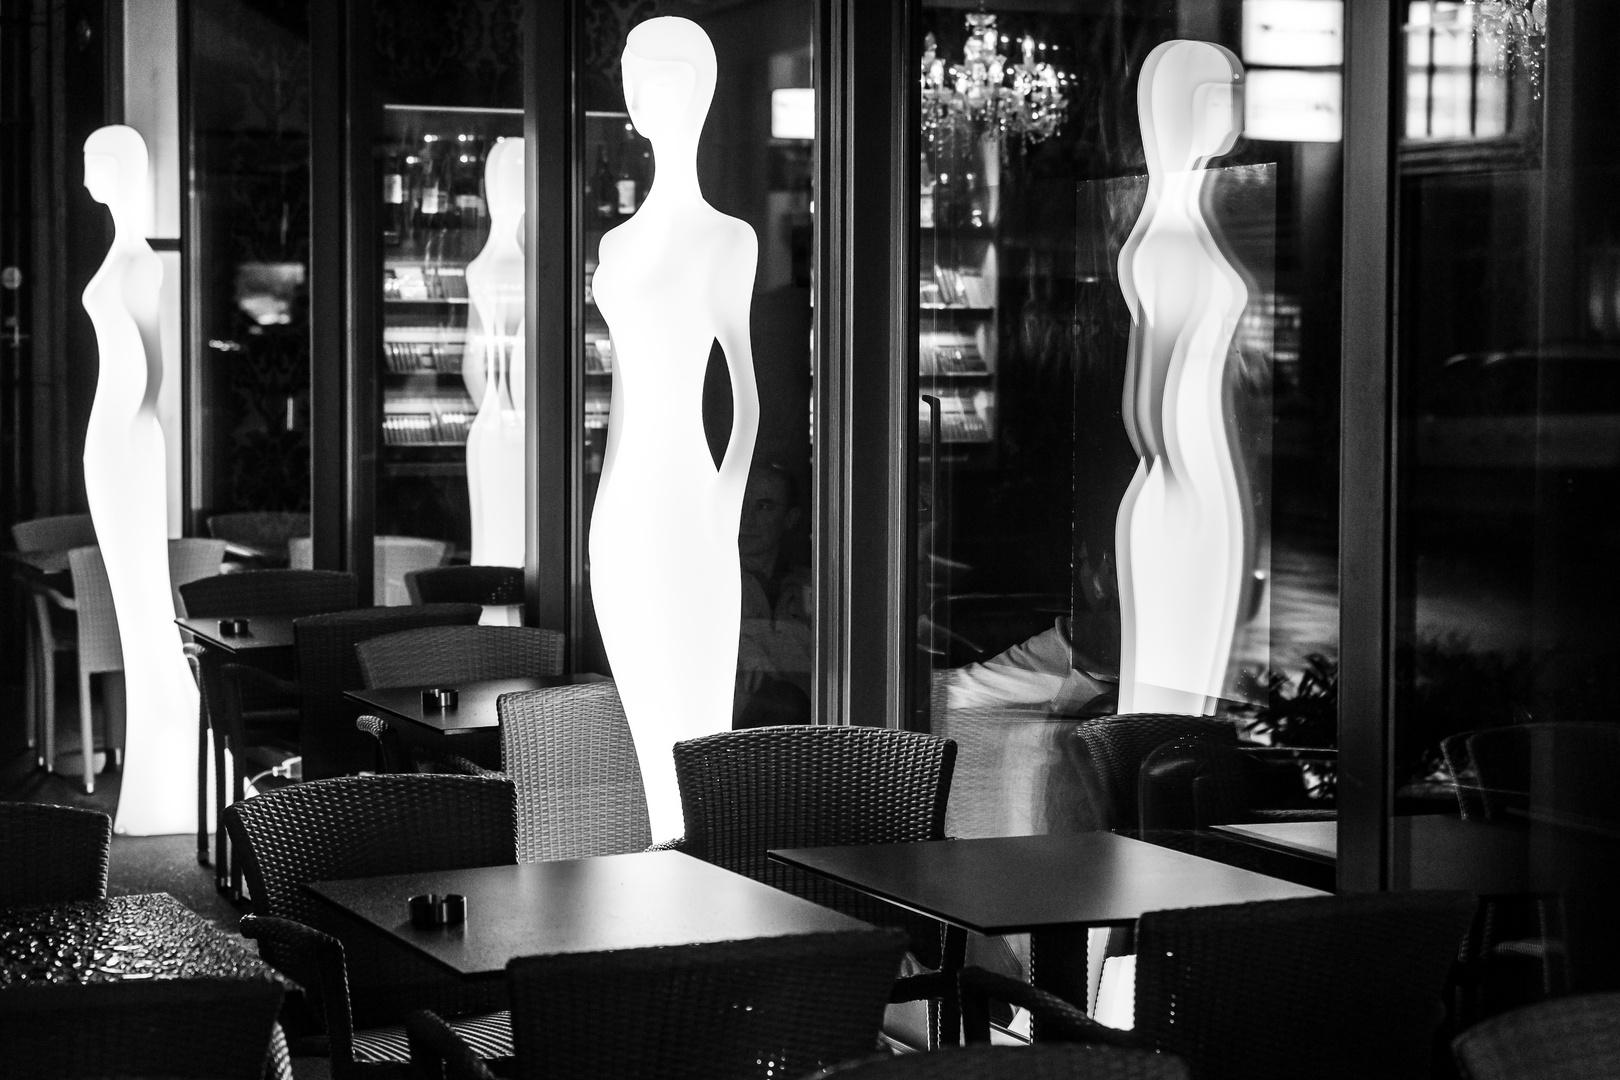 Virtual guests at the Bar.